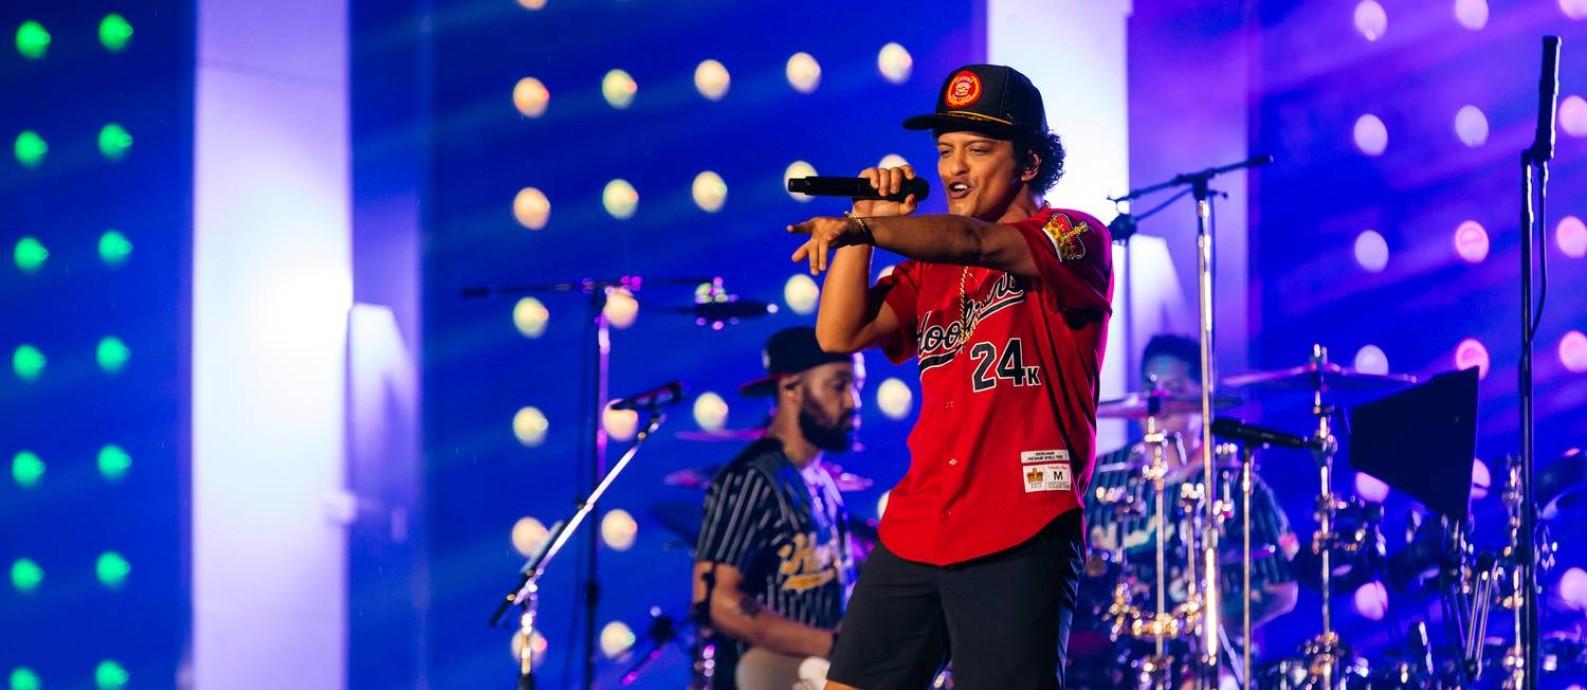 O cantor Bruno Mars em show na Apoteose Foto: Florent Dechard / Divulgação/RDJ Photos